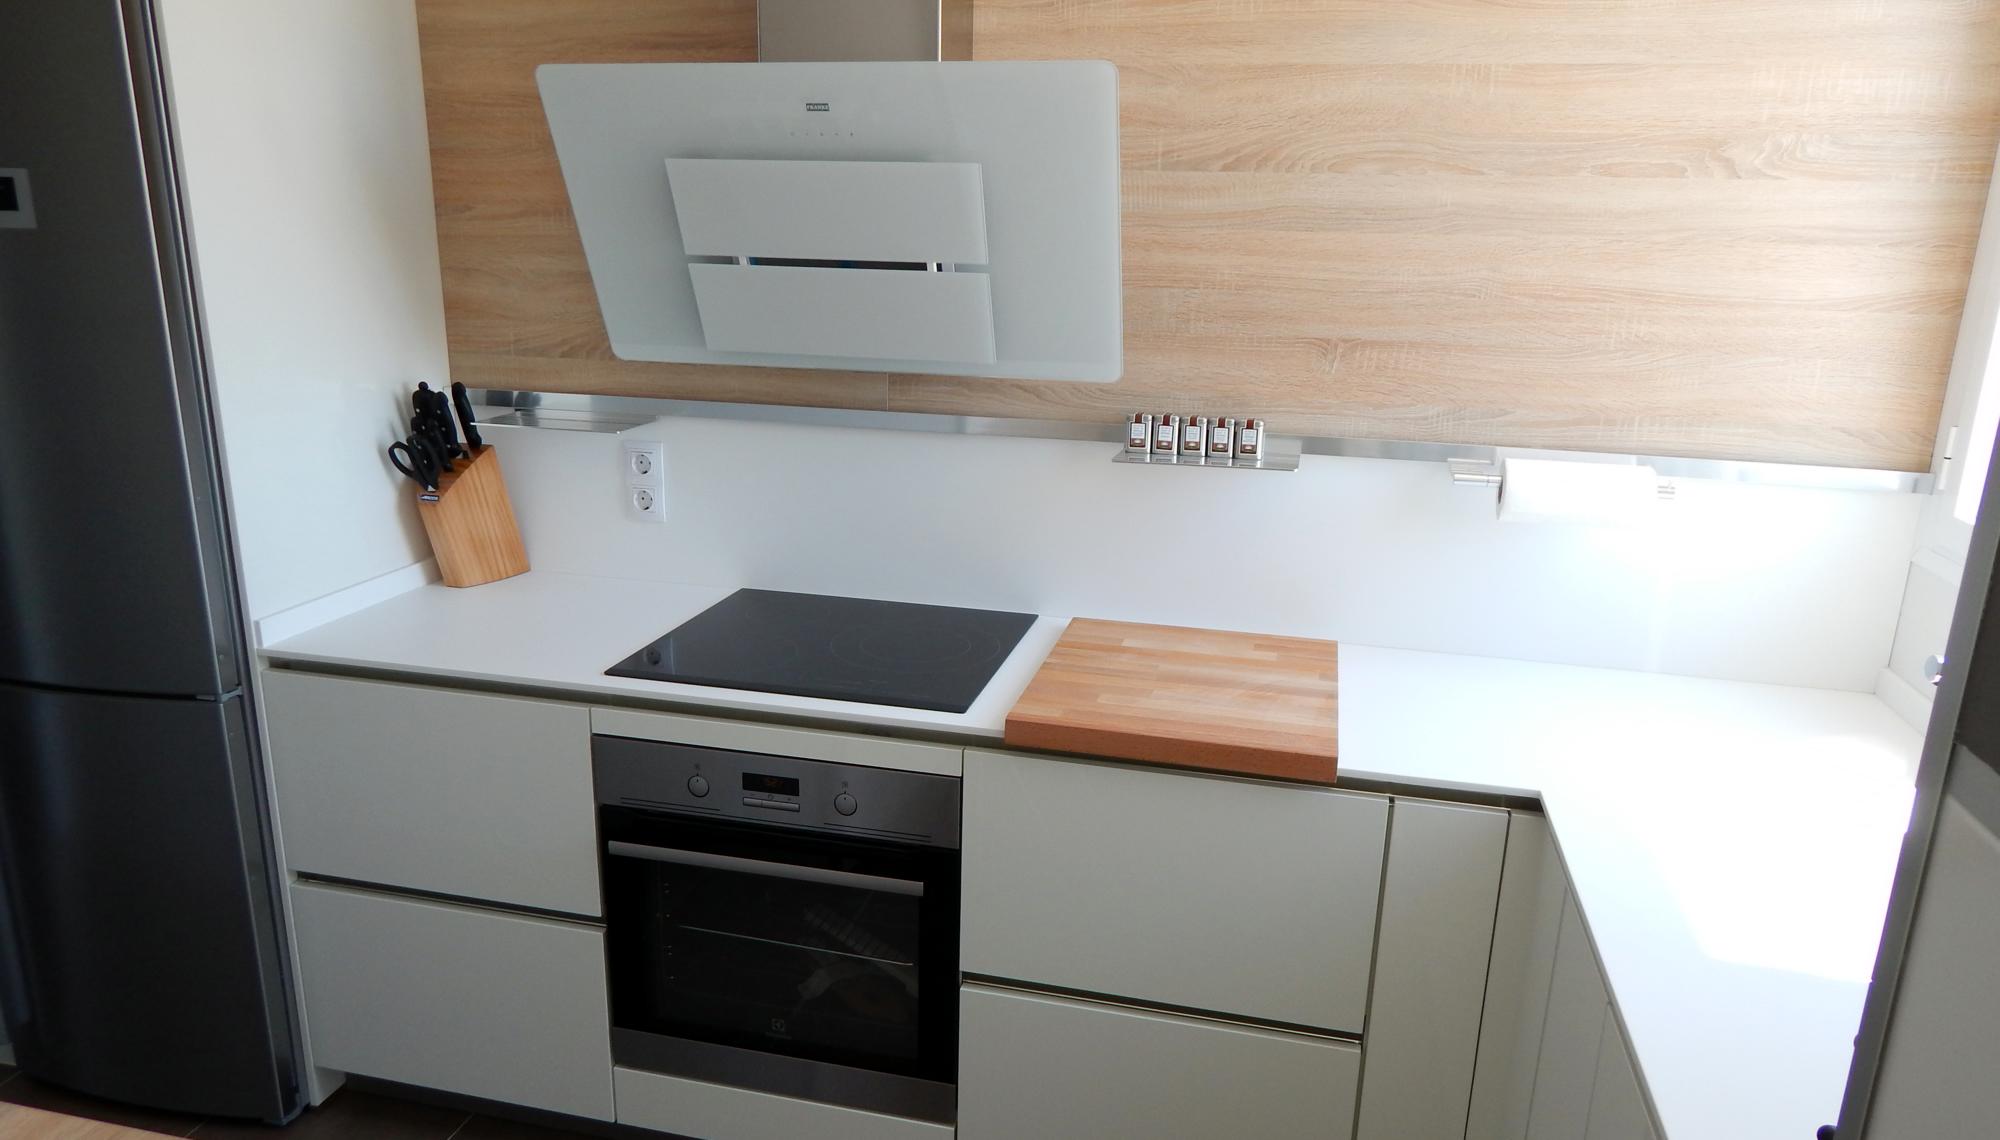 Lacar Muebles Cocina   Muebles De Cocina Modelo 3020 Cocinasalemanas Com